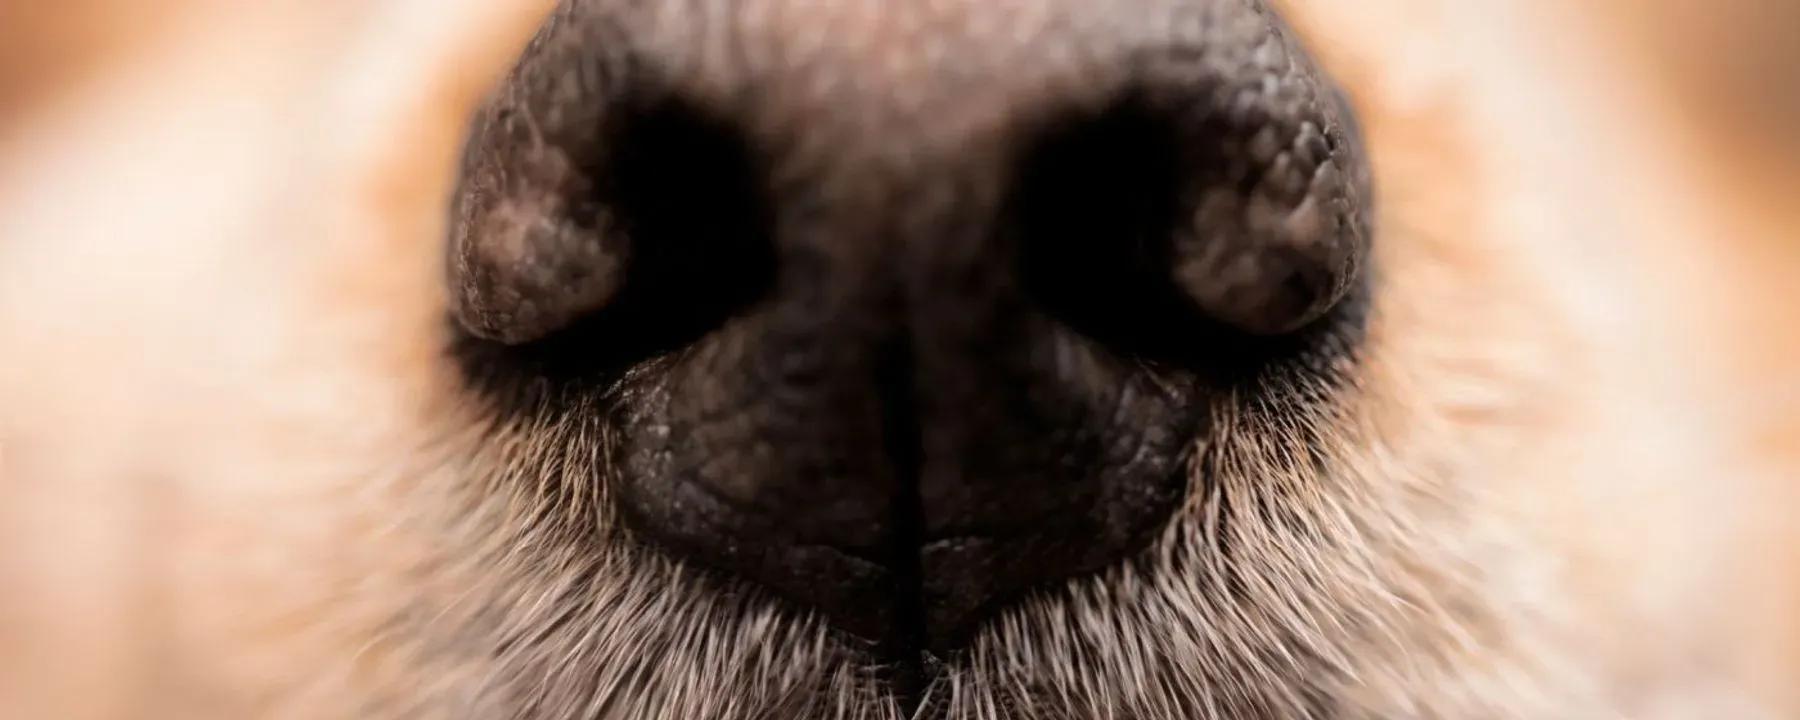 Perros con Covid 19